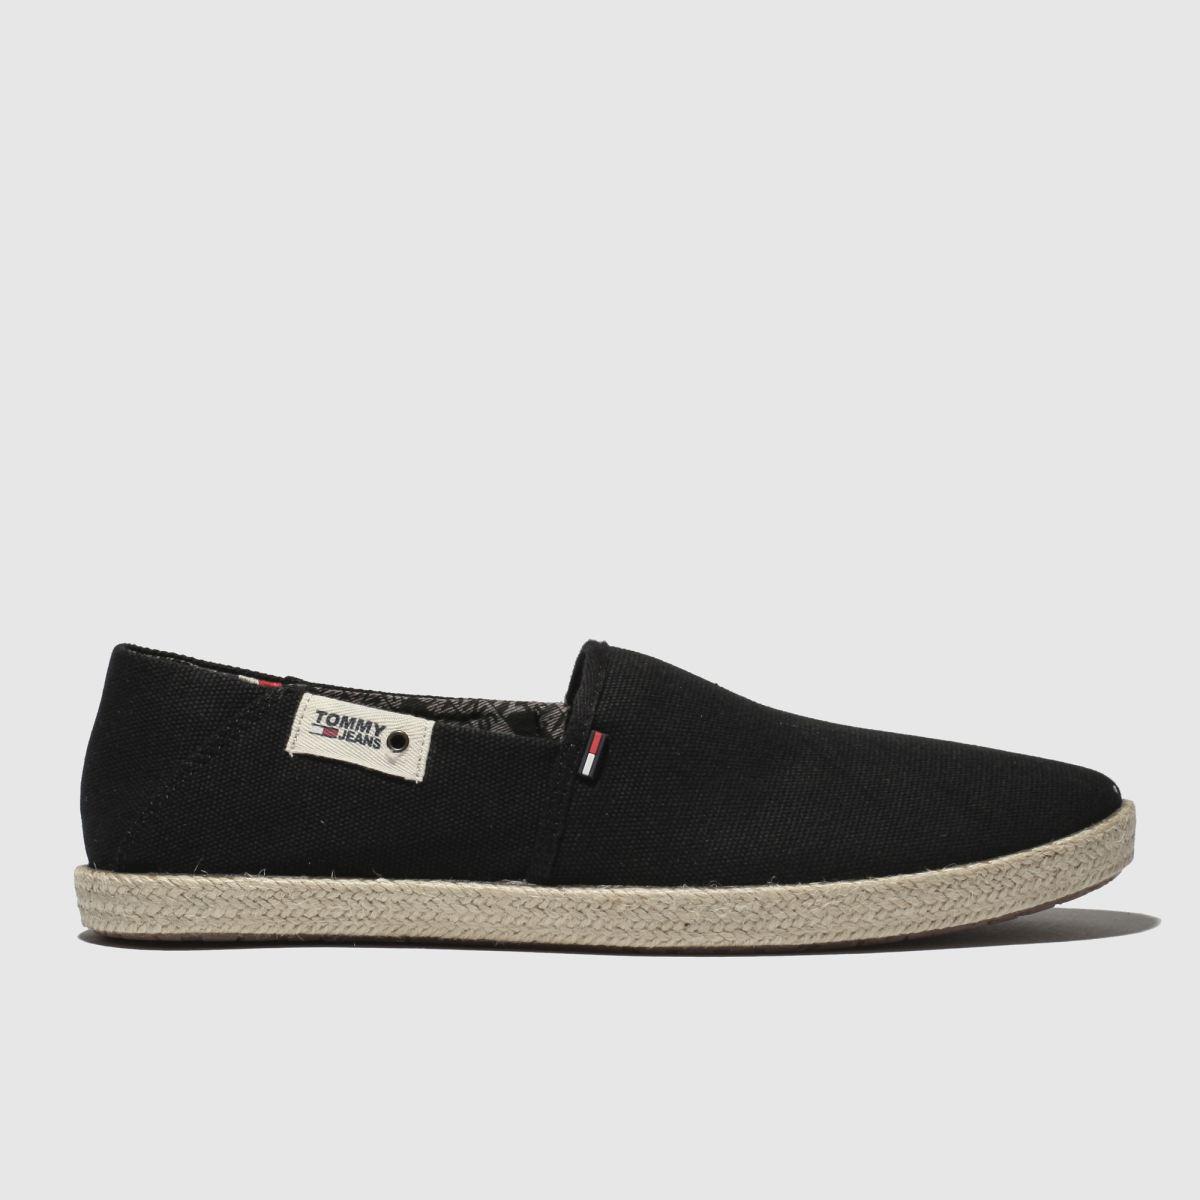 Tommy Hilfiger Black Tj Summer Shoes